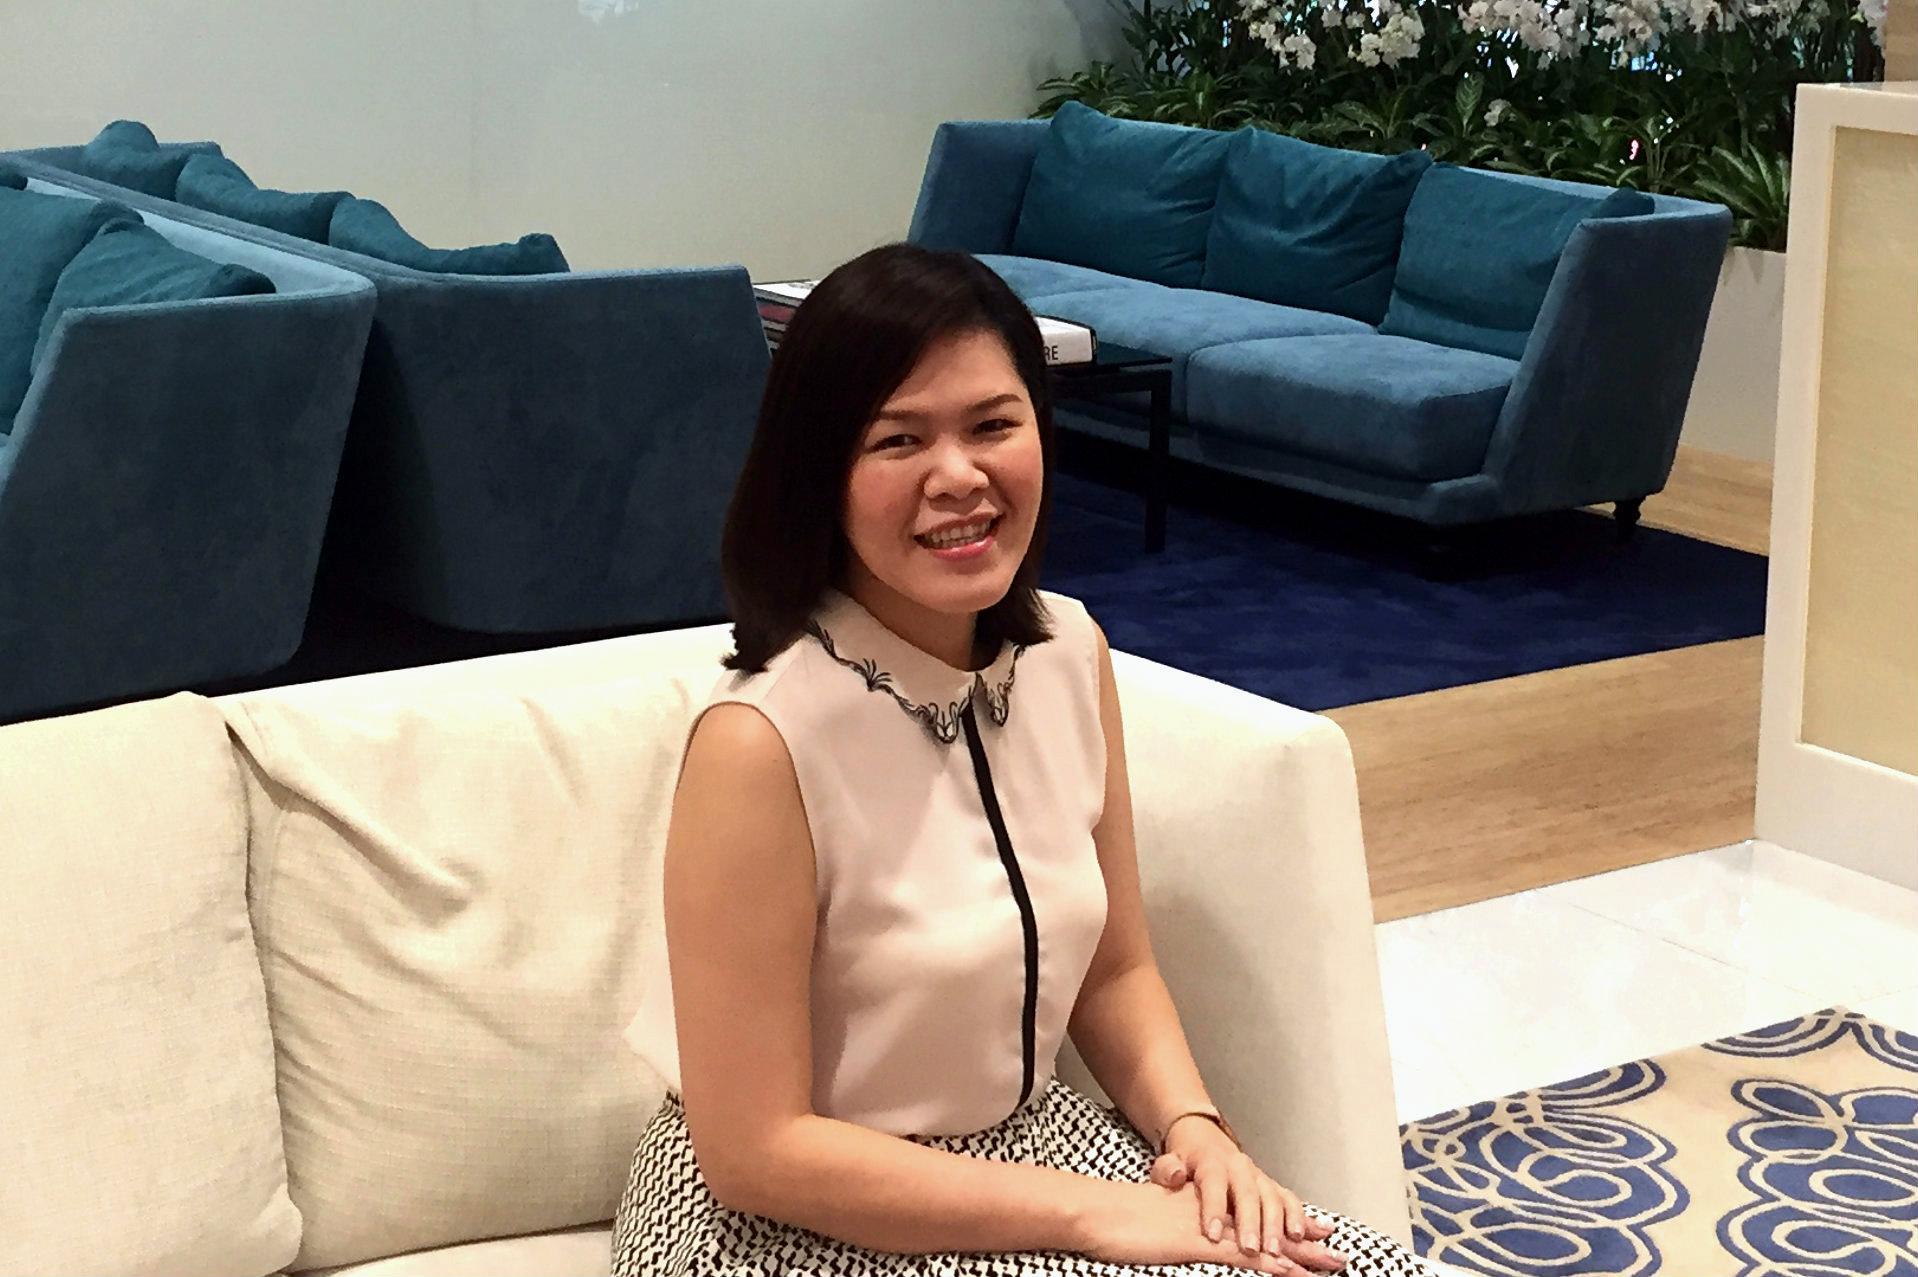 用對方式前往新加坡專才市場-Estee Lauder 新加坡數位經理 June Chen